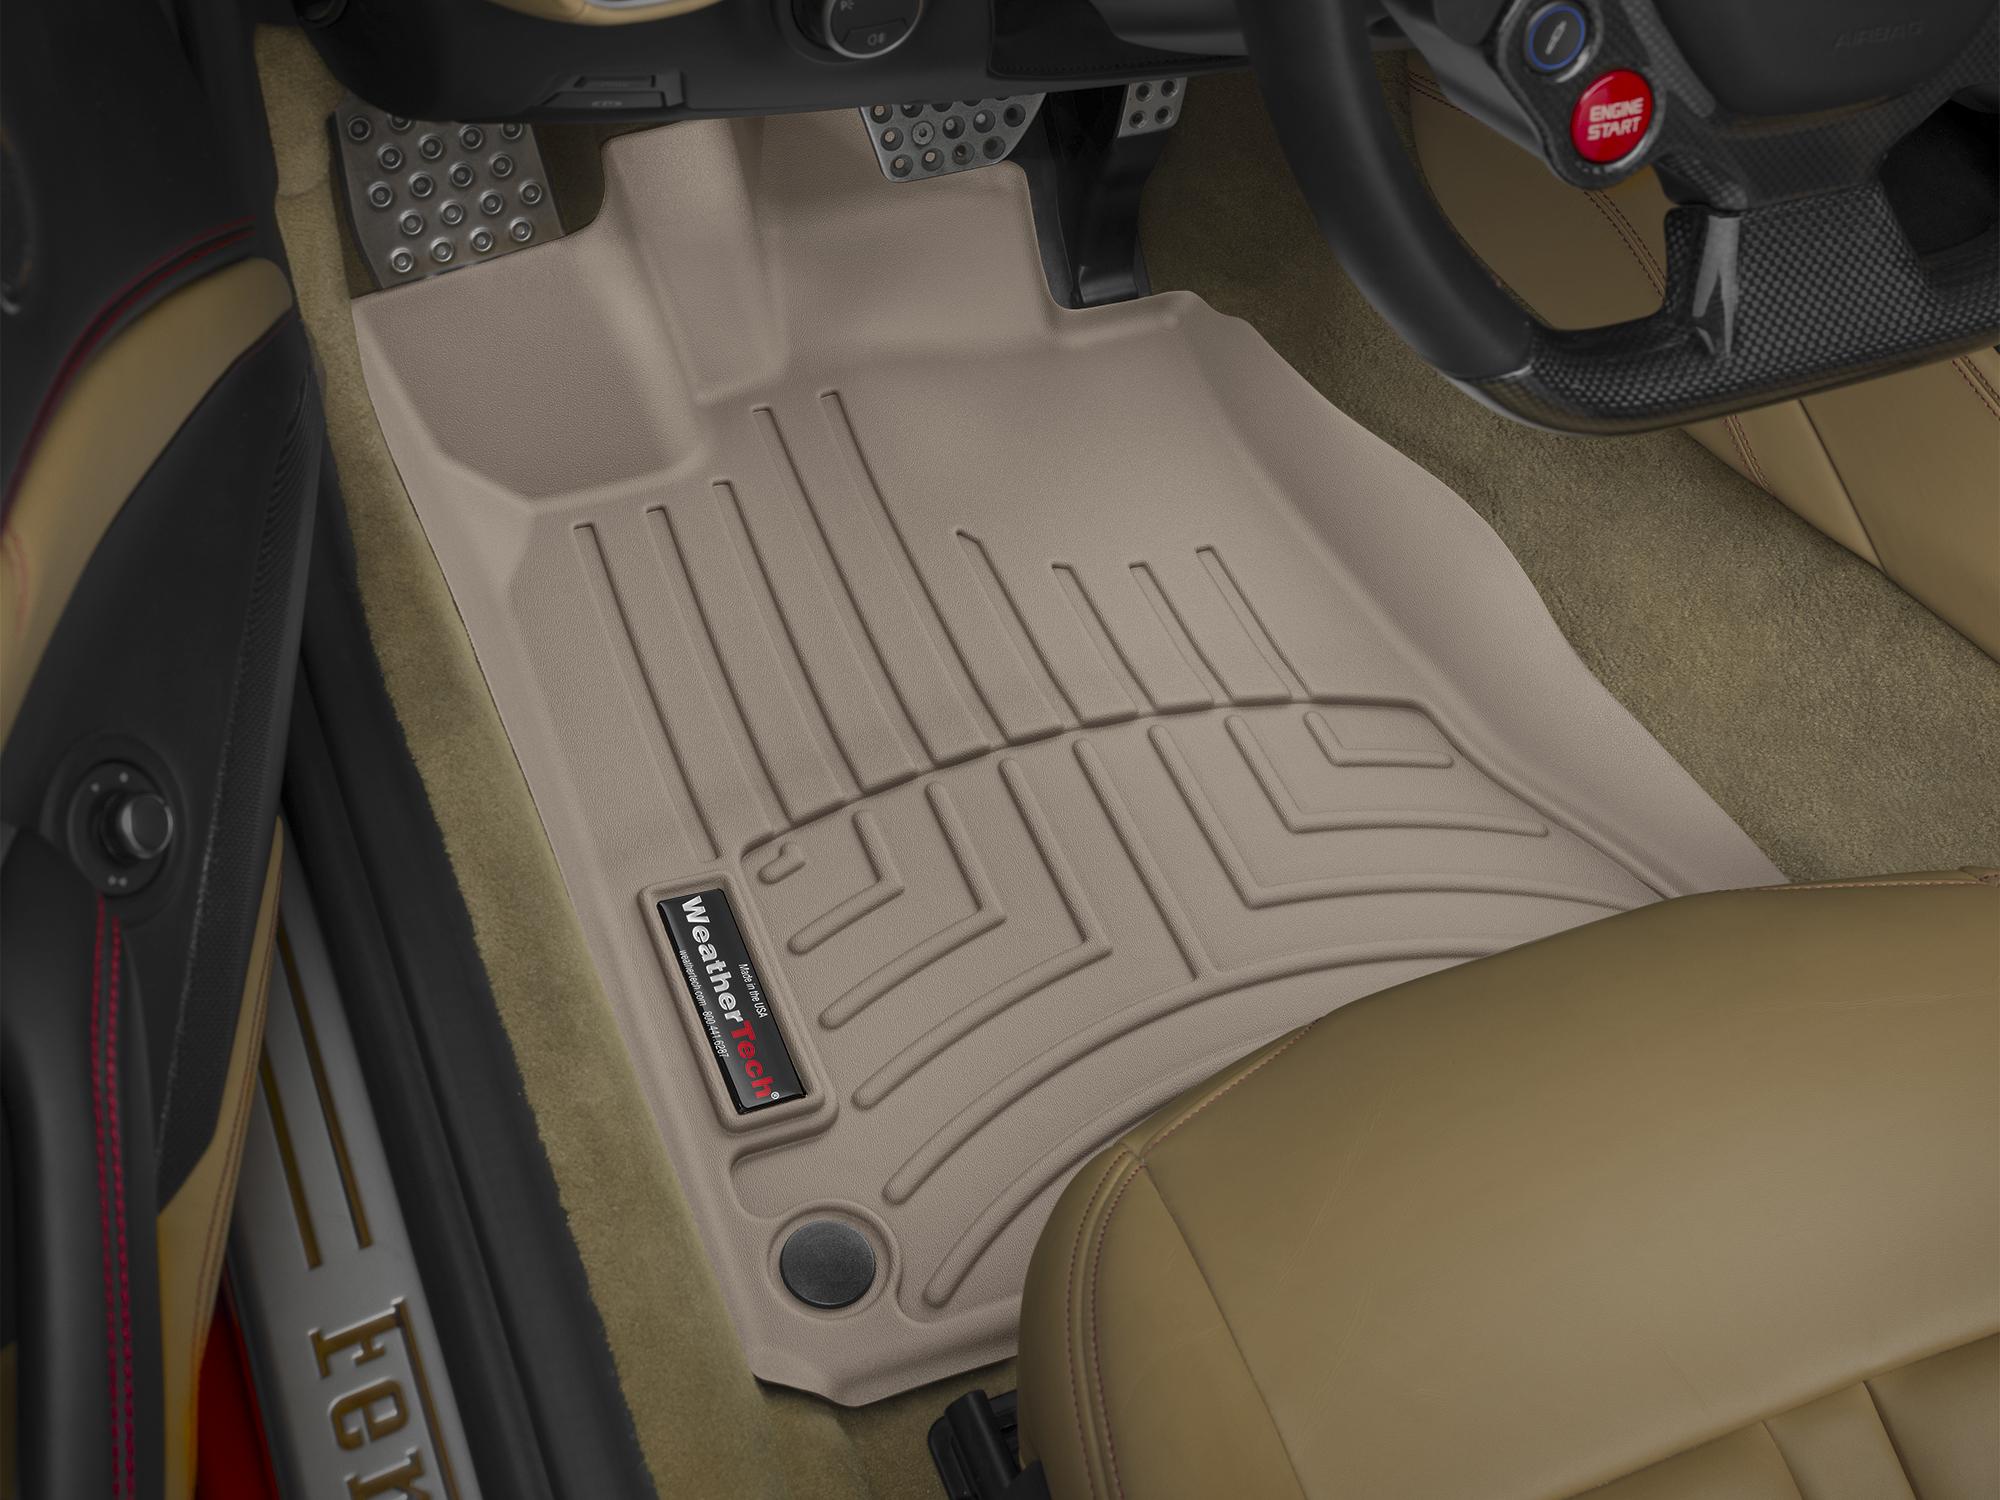 Tappeti gomma su misura bordo alto Ferrari California T 14>15 Marrone A738*